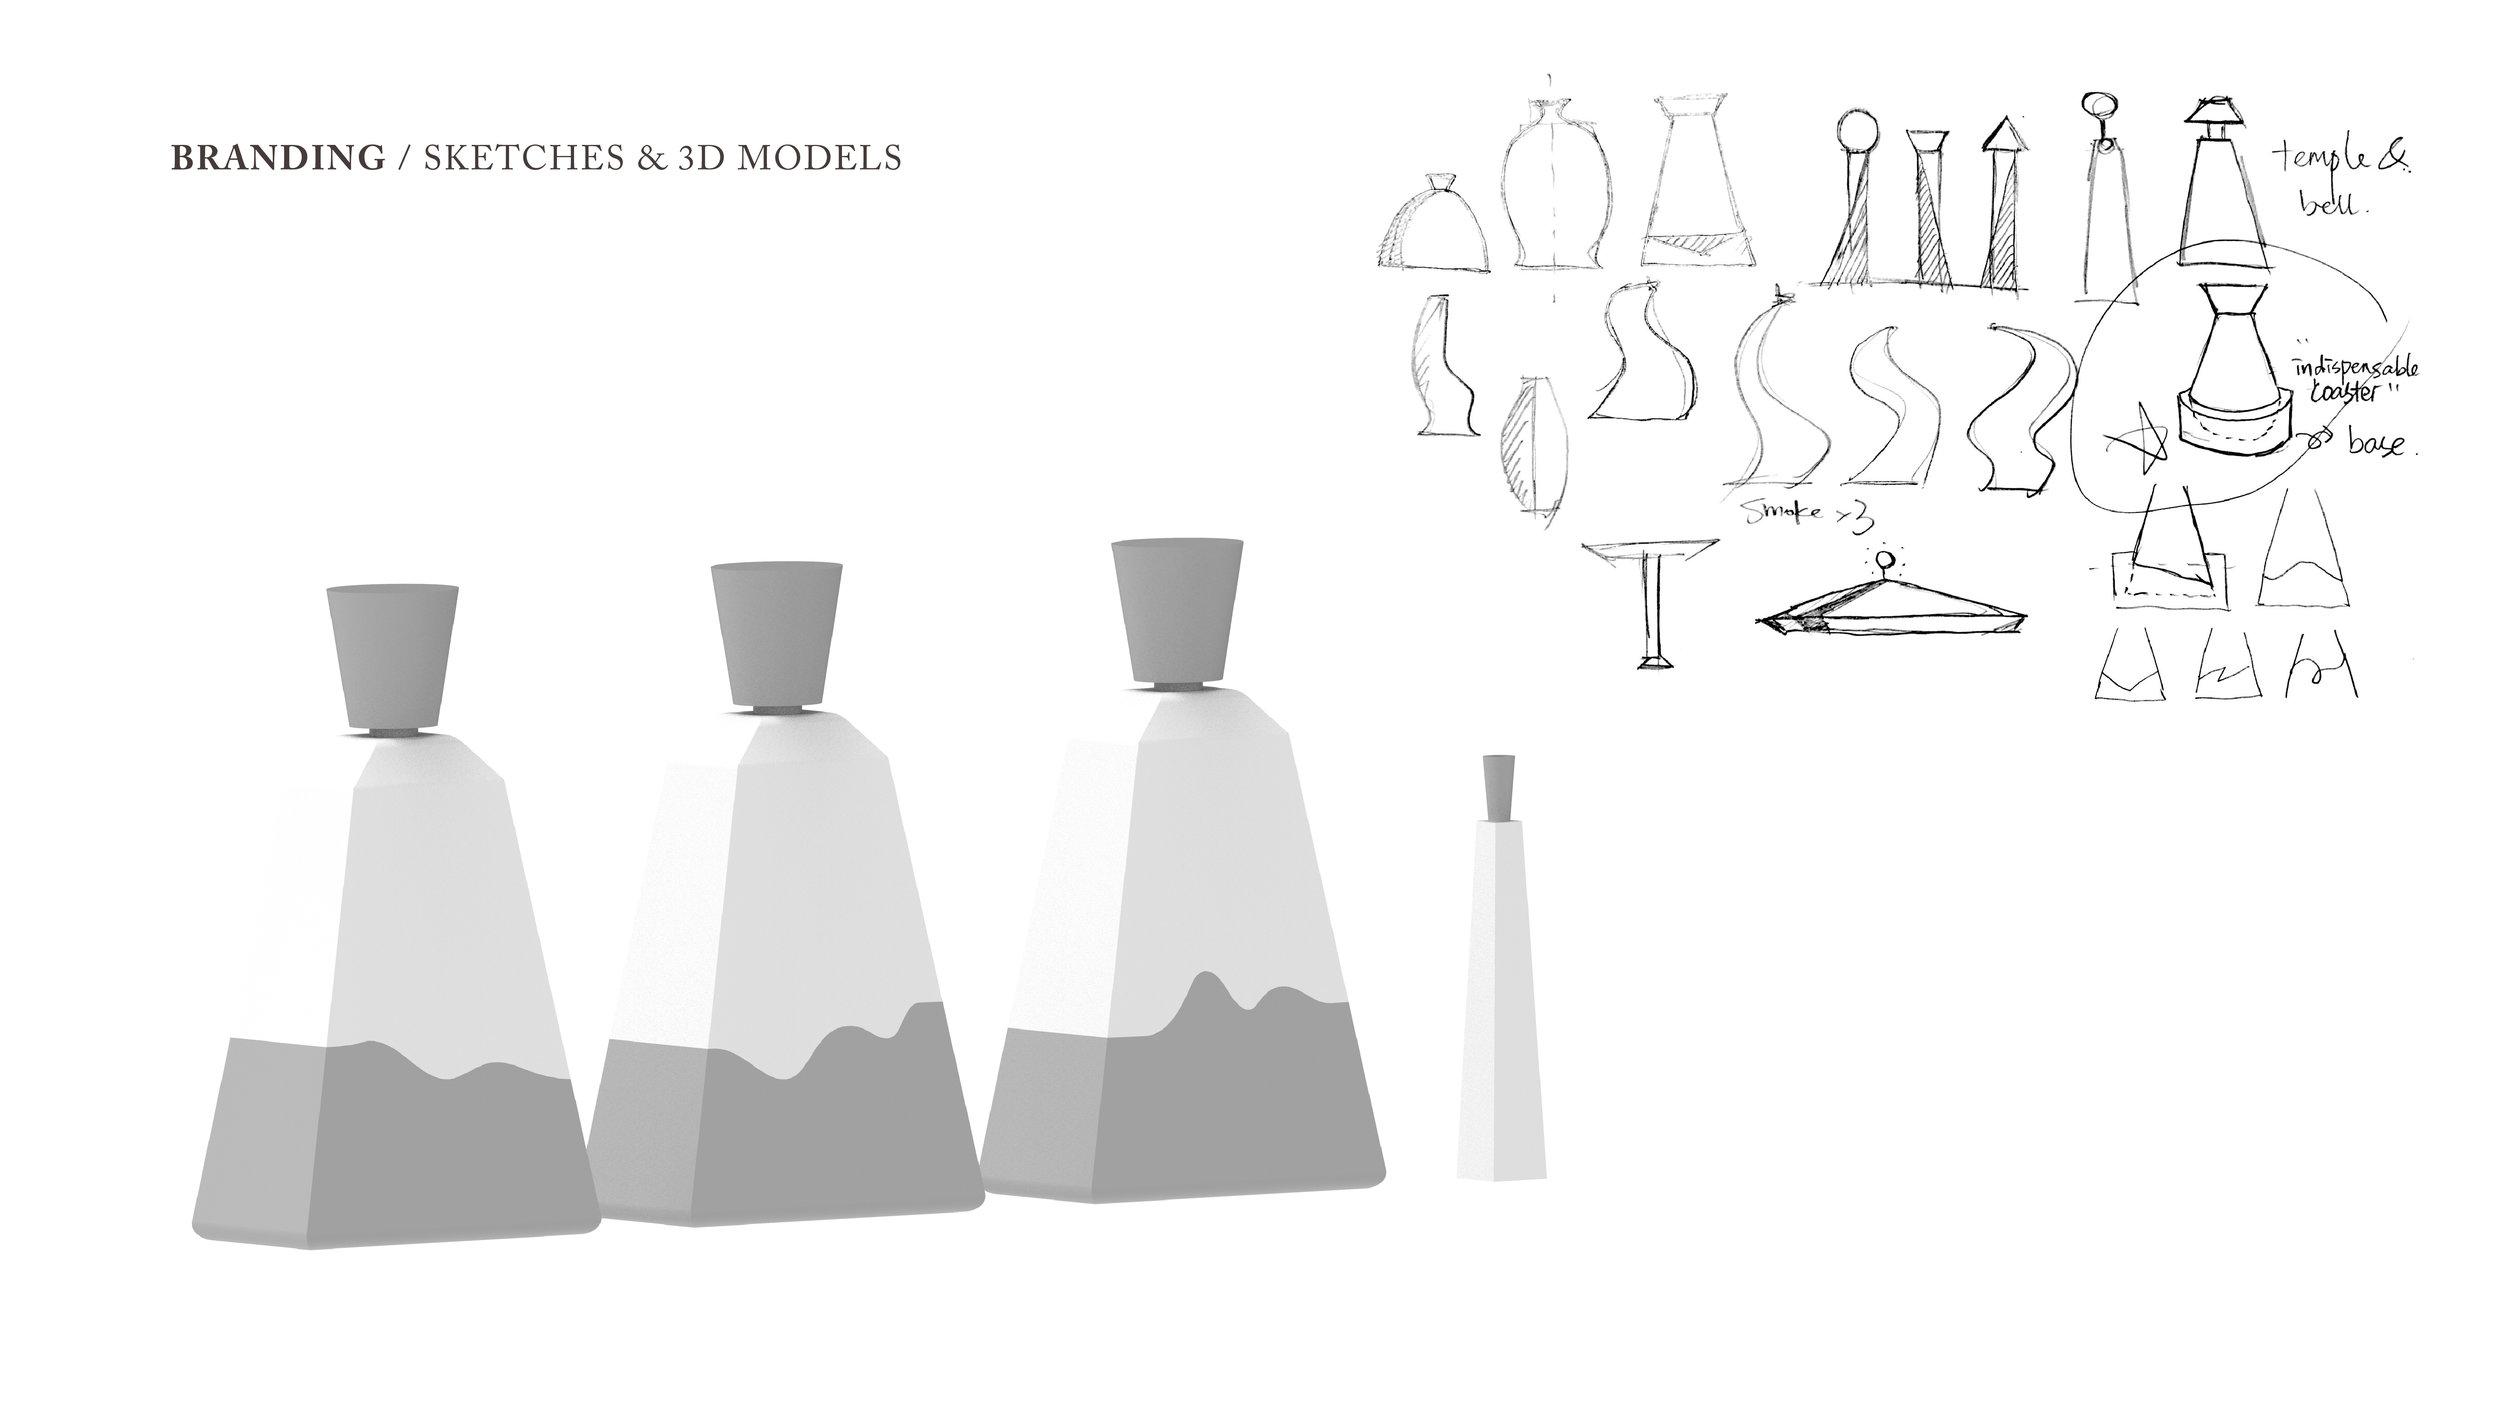 portfolio presentation-05.jpg